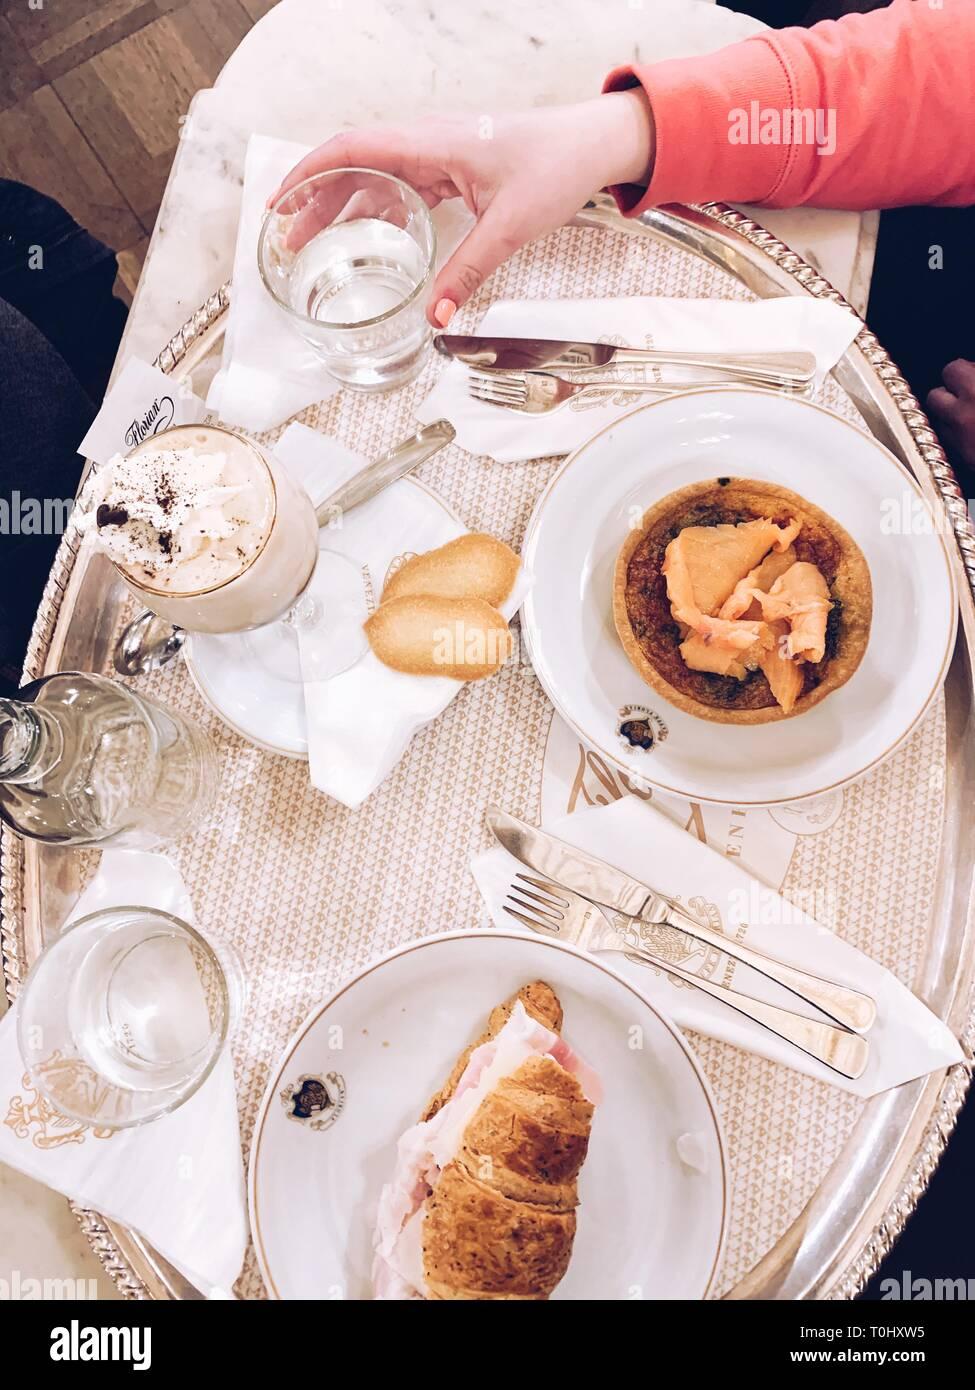 Caffe Florian, coffee house, situato in piazza San Marco, la più antica casa di caffè in funzionamento continuo. Immagini Stock